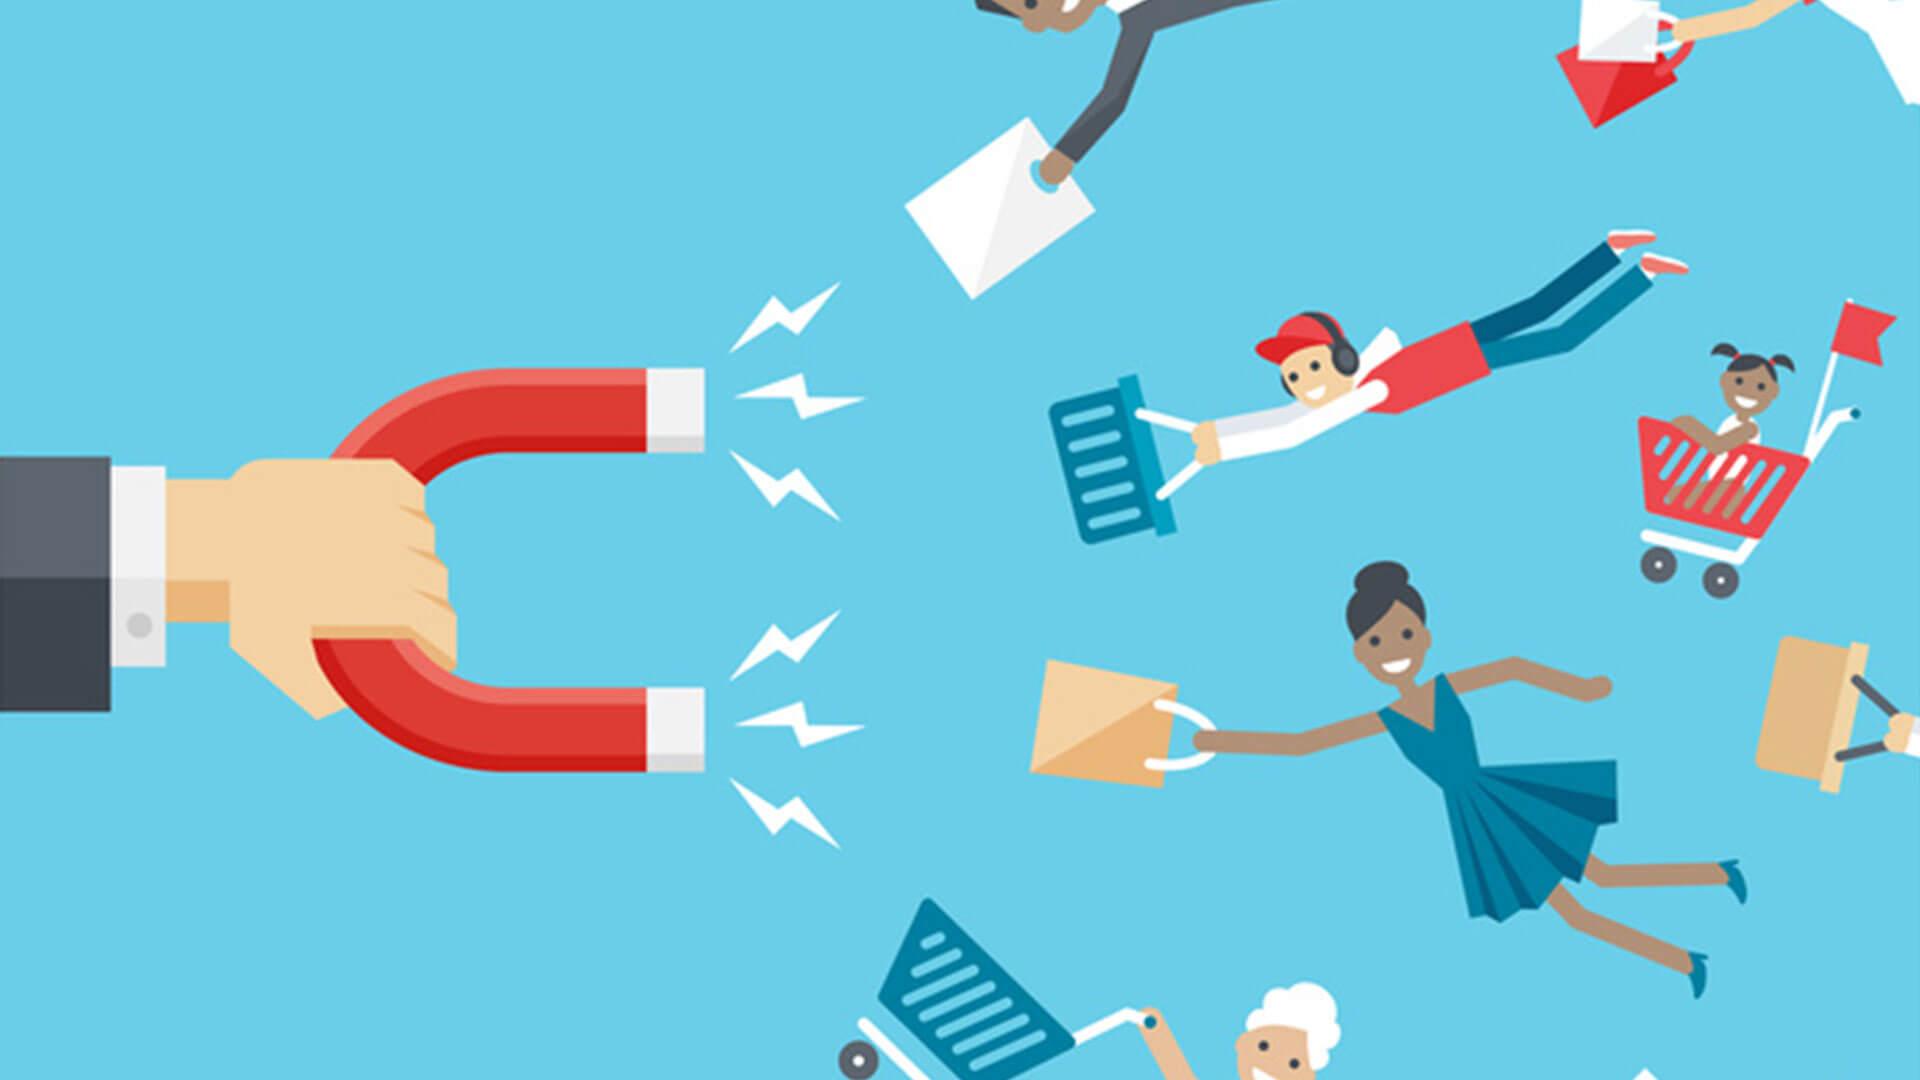 Вебинар: Автоматическая воронка продаж для бизнеса в интернете